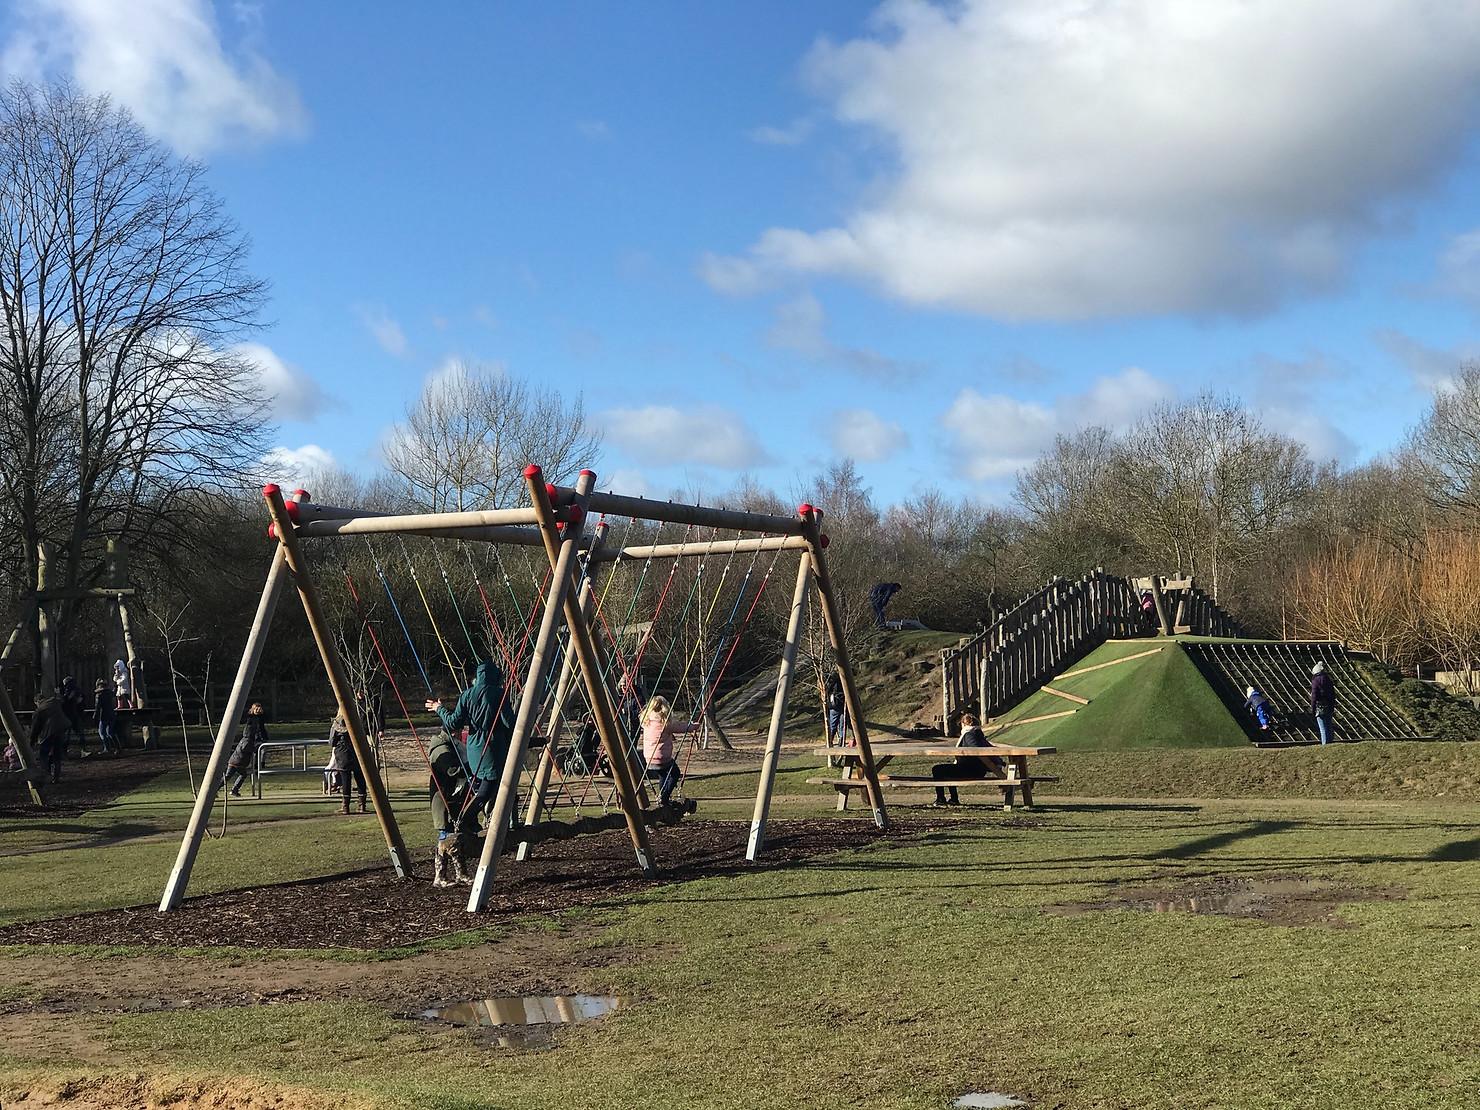 Park at Dinton Pastures